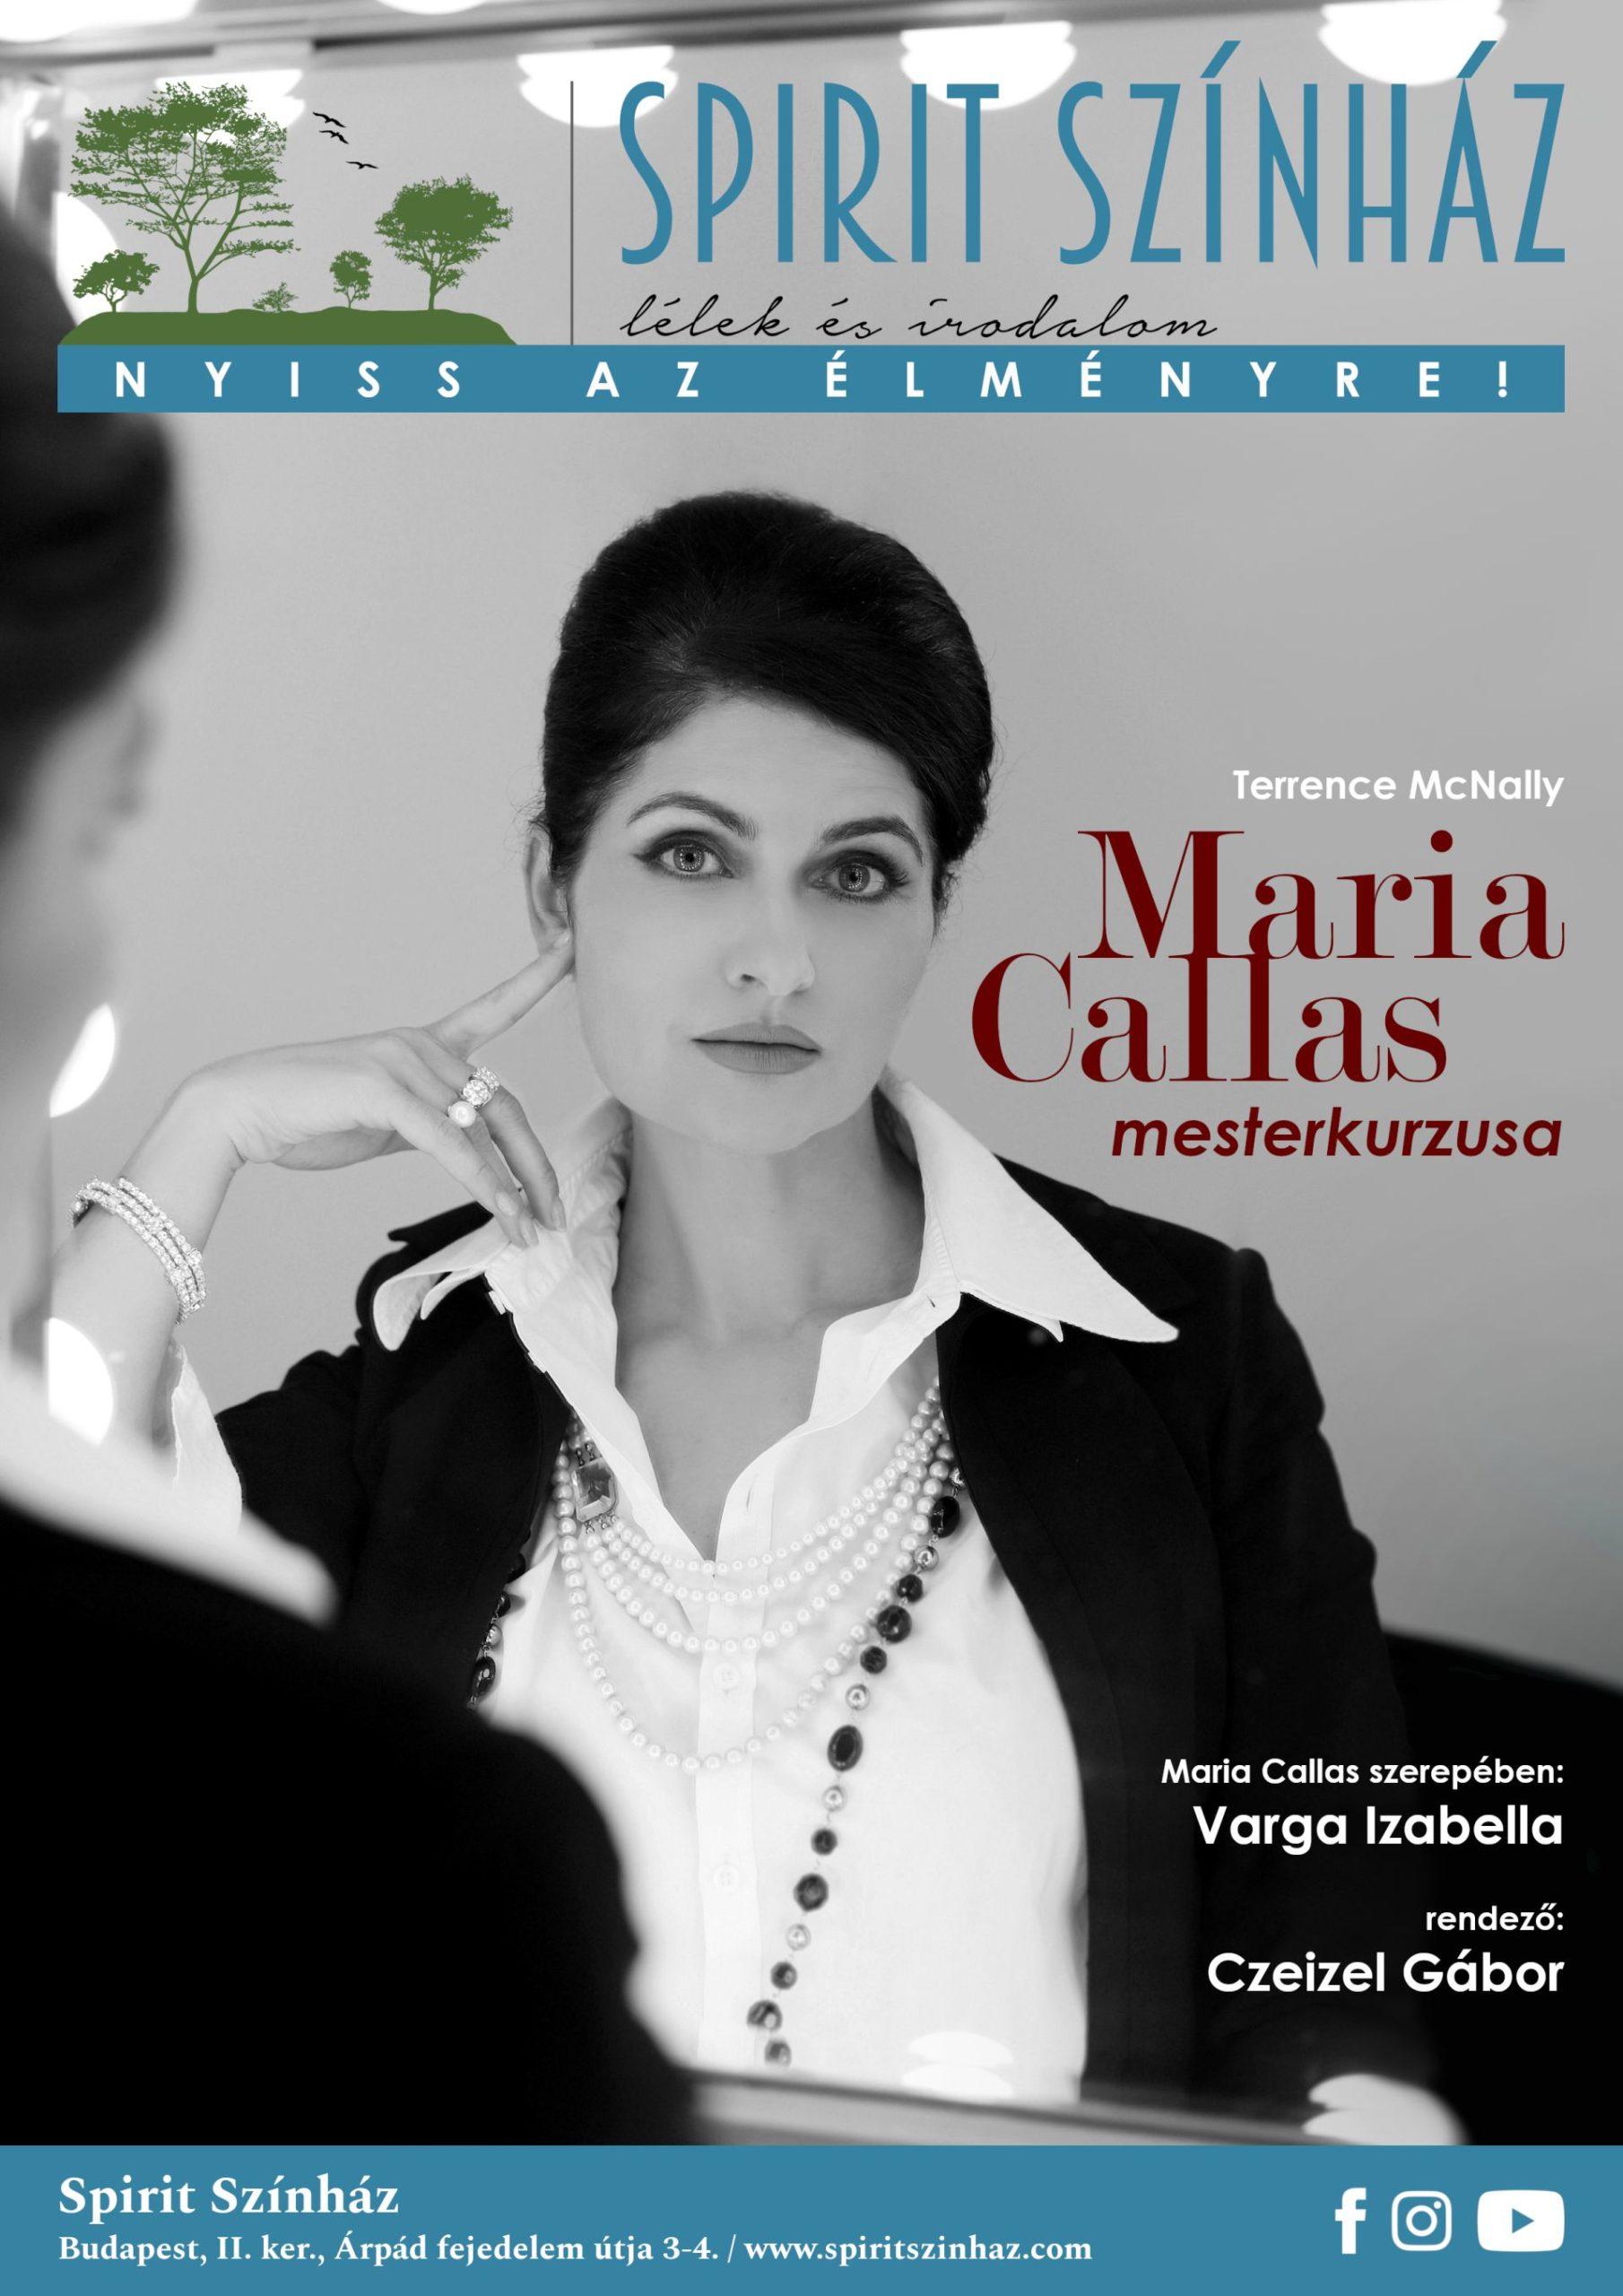 Maria Callas mesterkurzusa